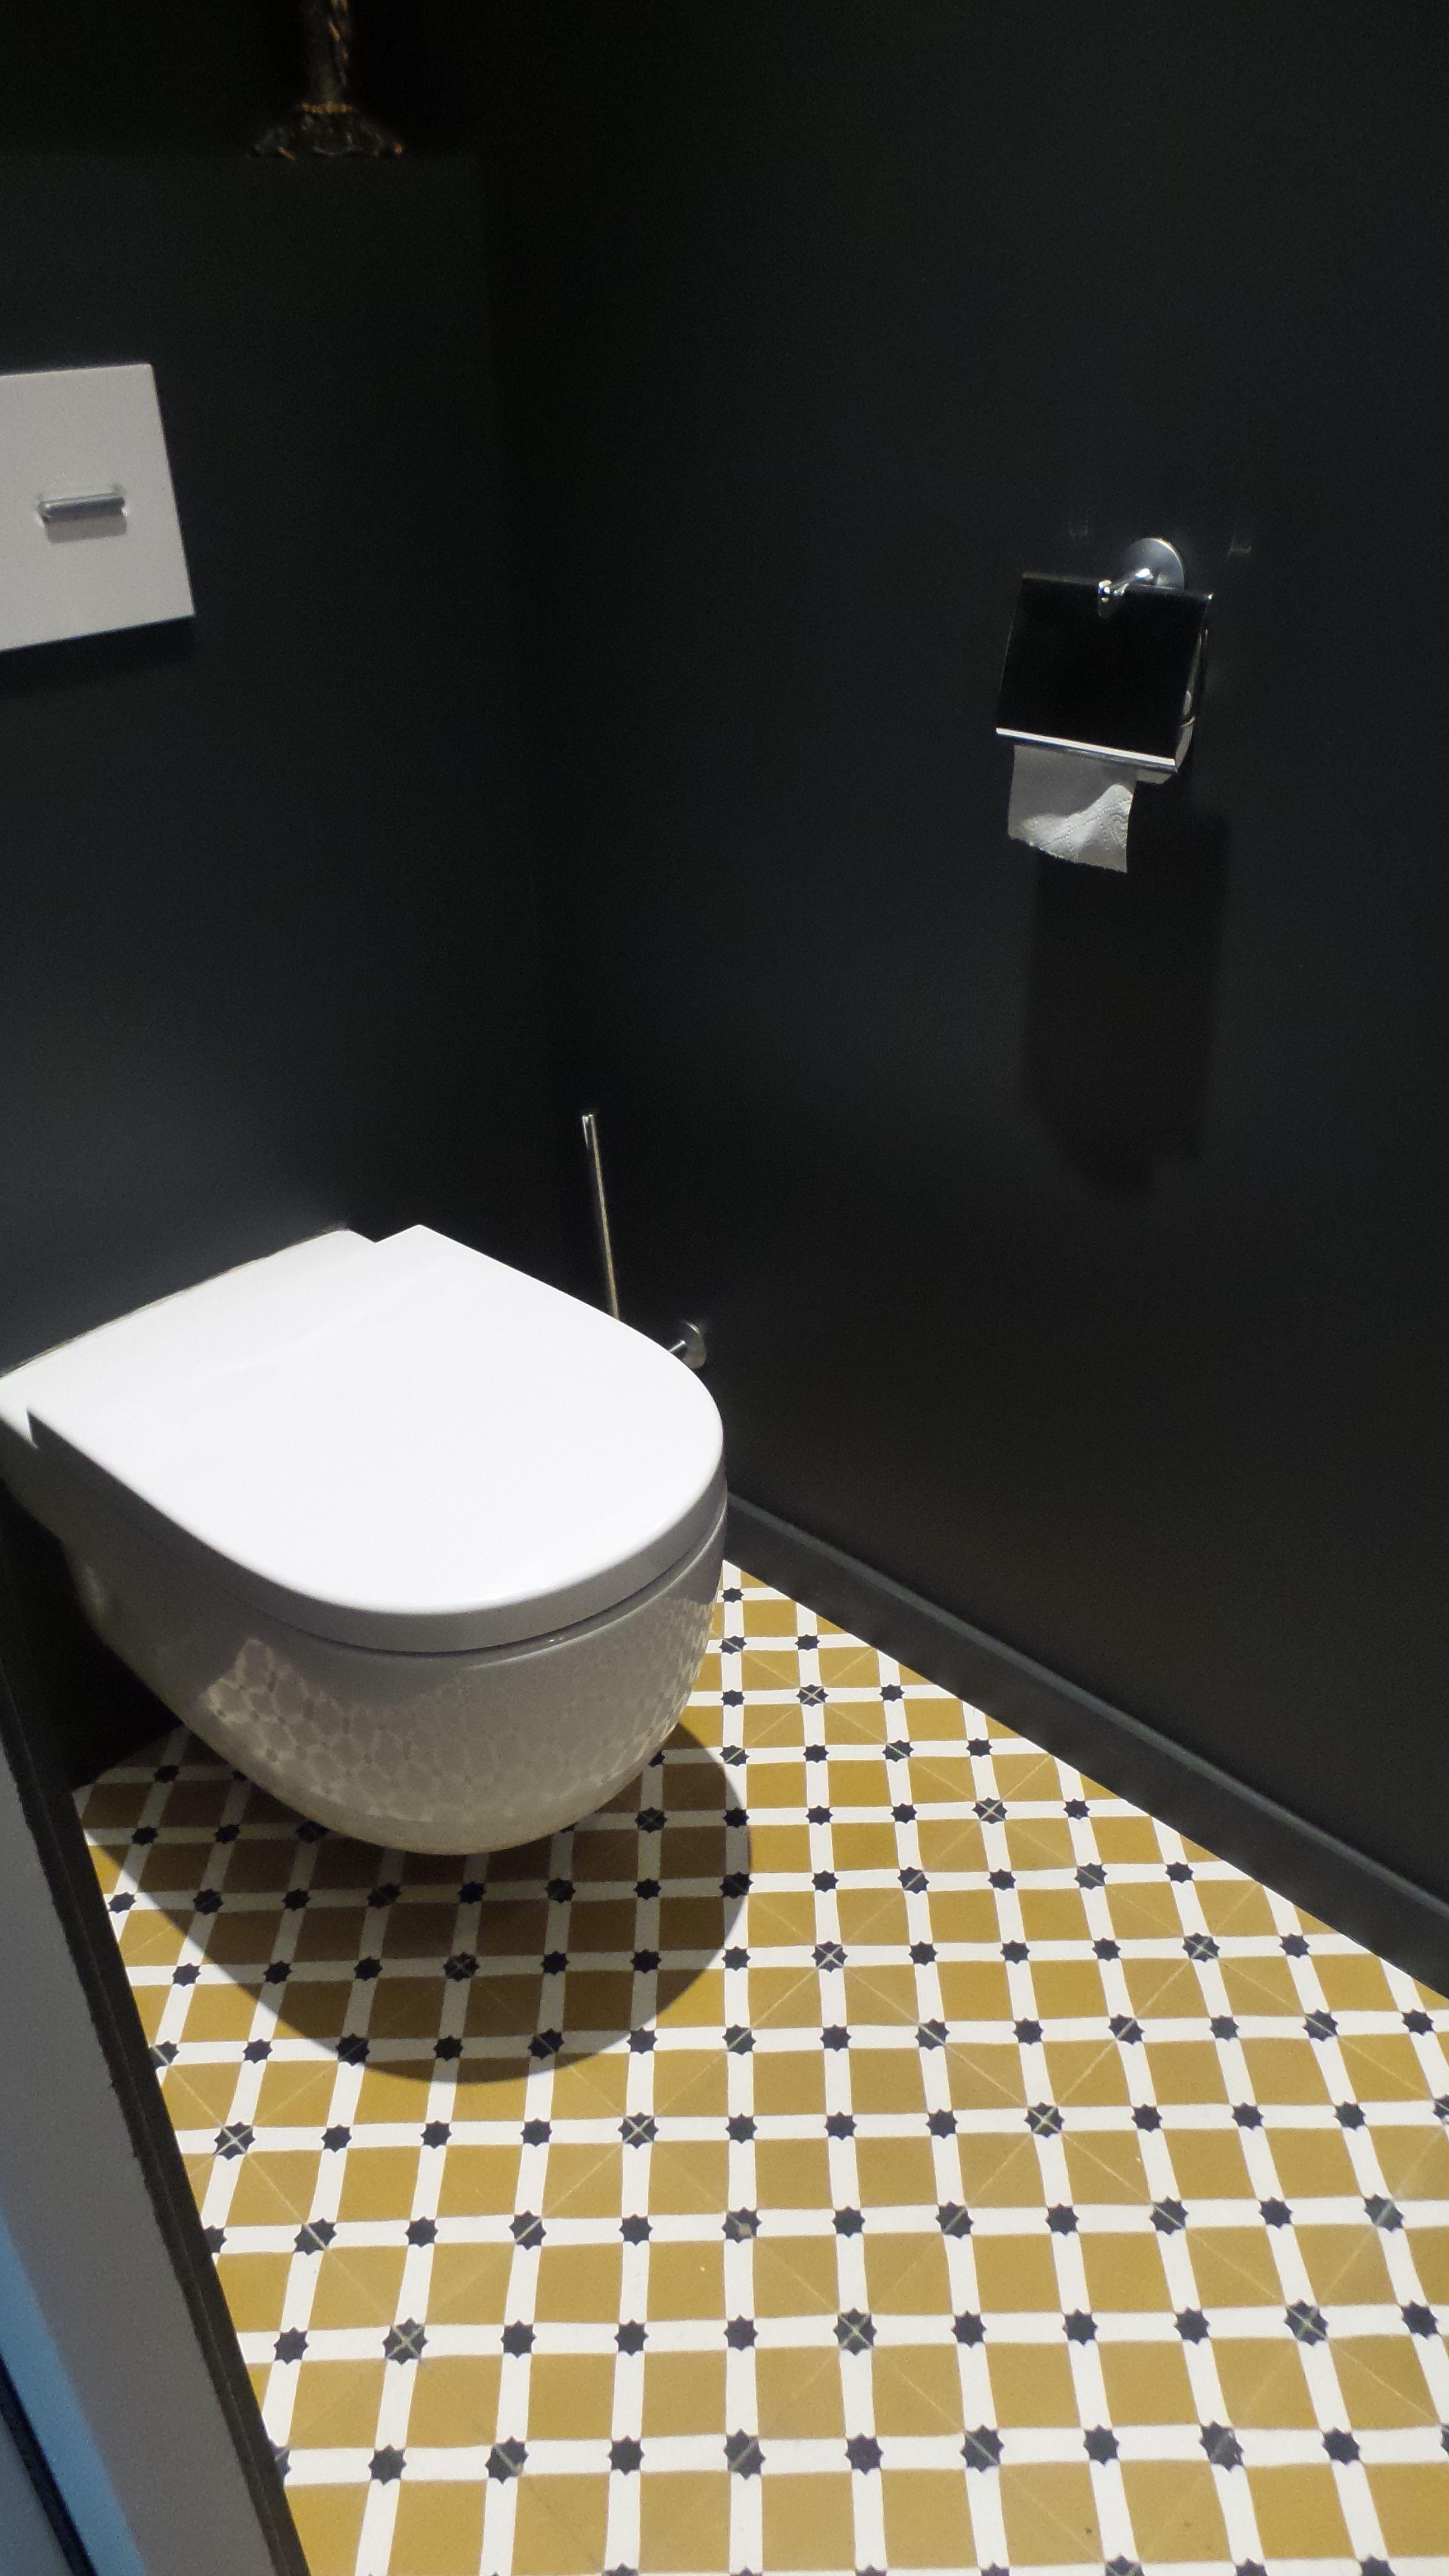 Carreaux de ciment cement tiles Motif Kawa Bathroom Inspiration